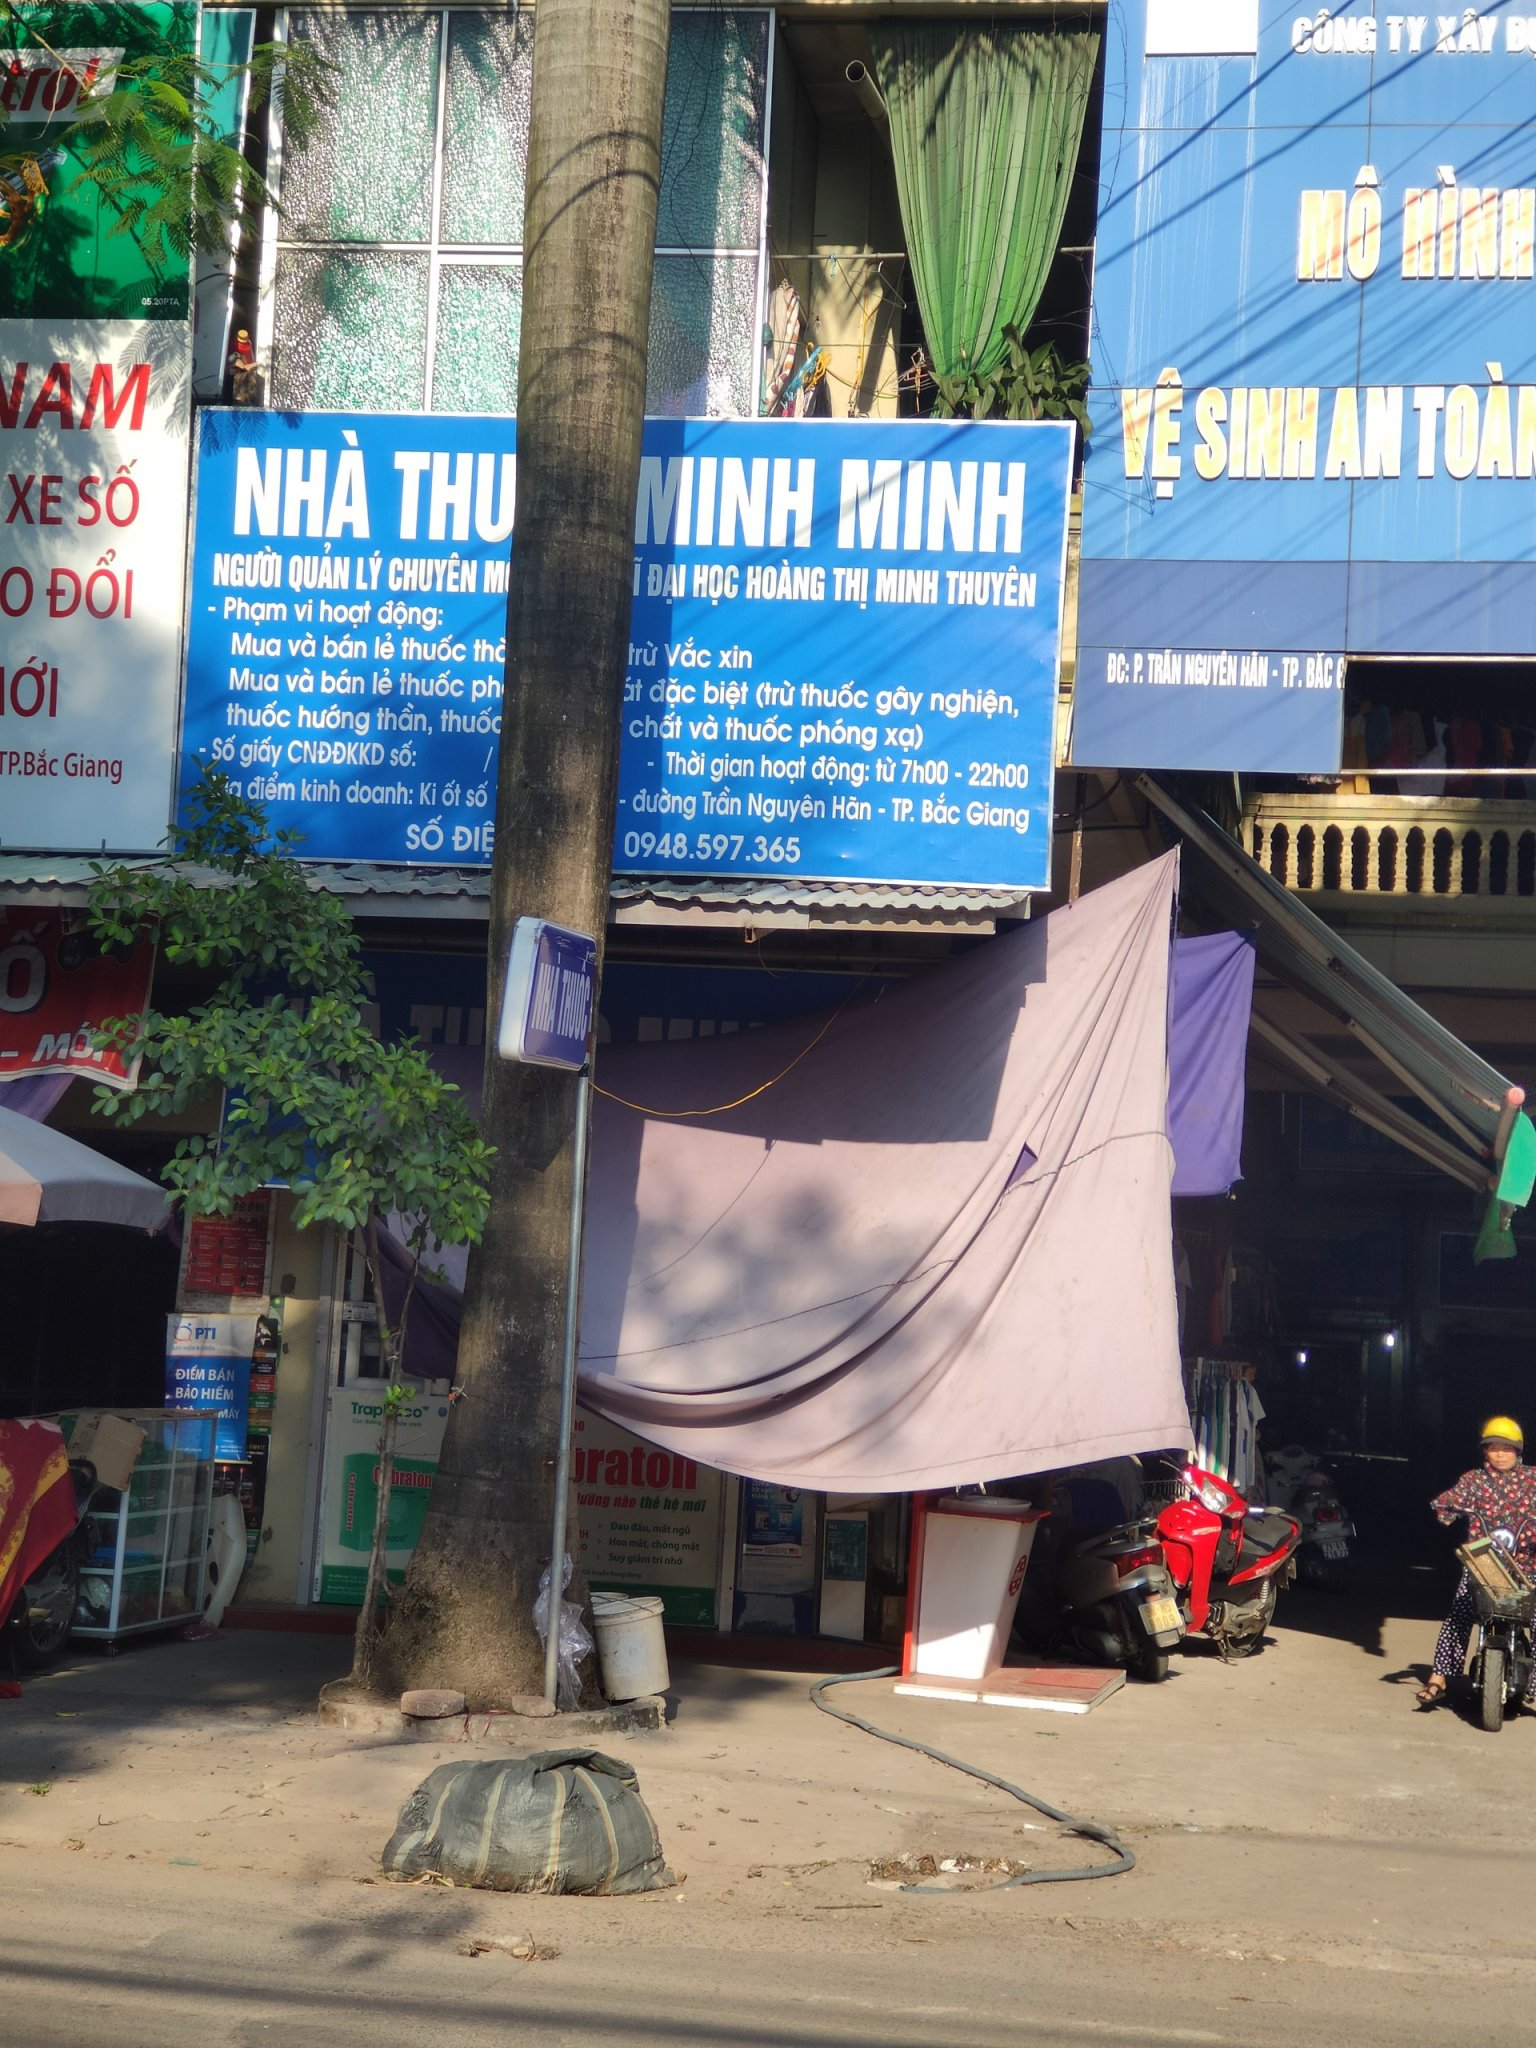 NT Minh Minh